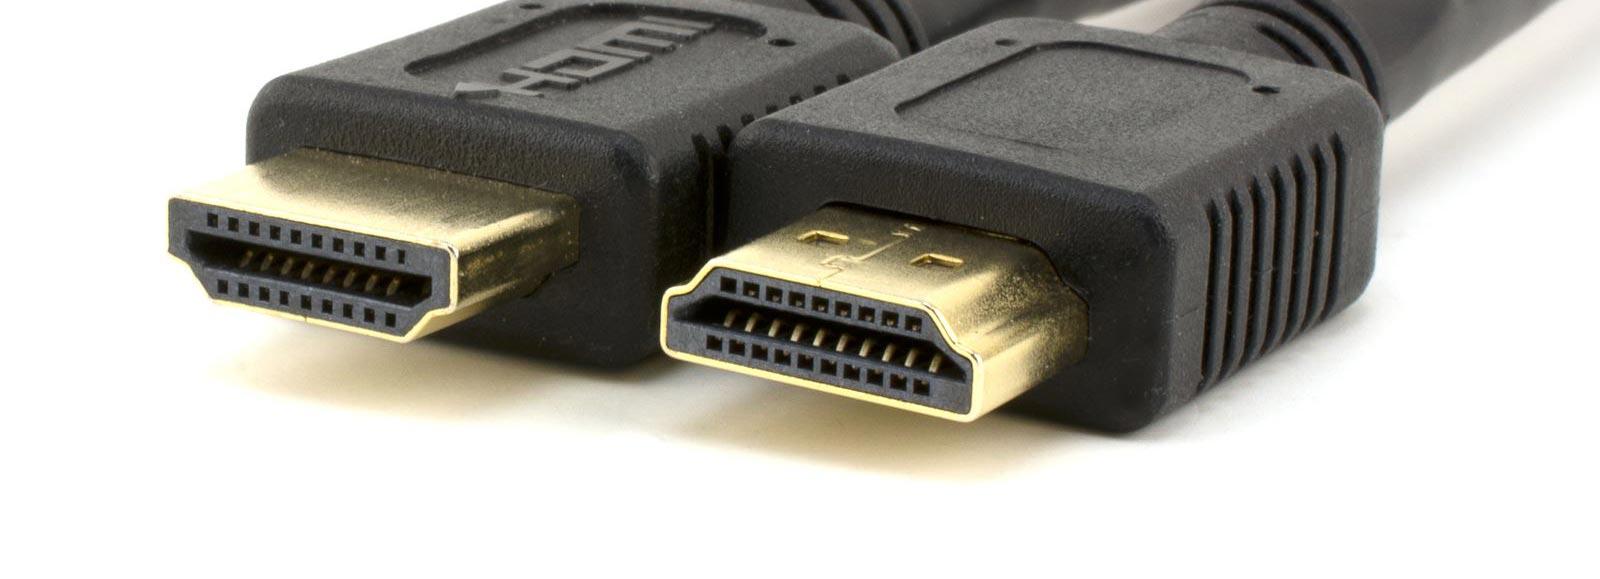 HDMI kablovi